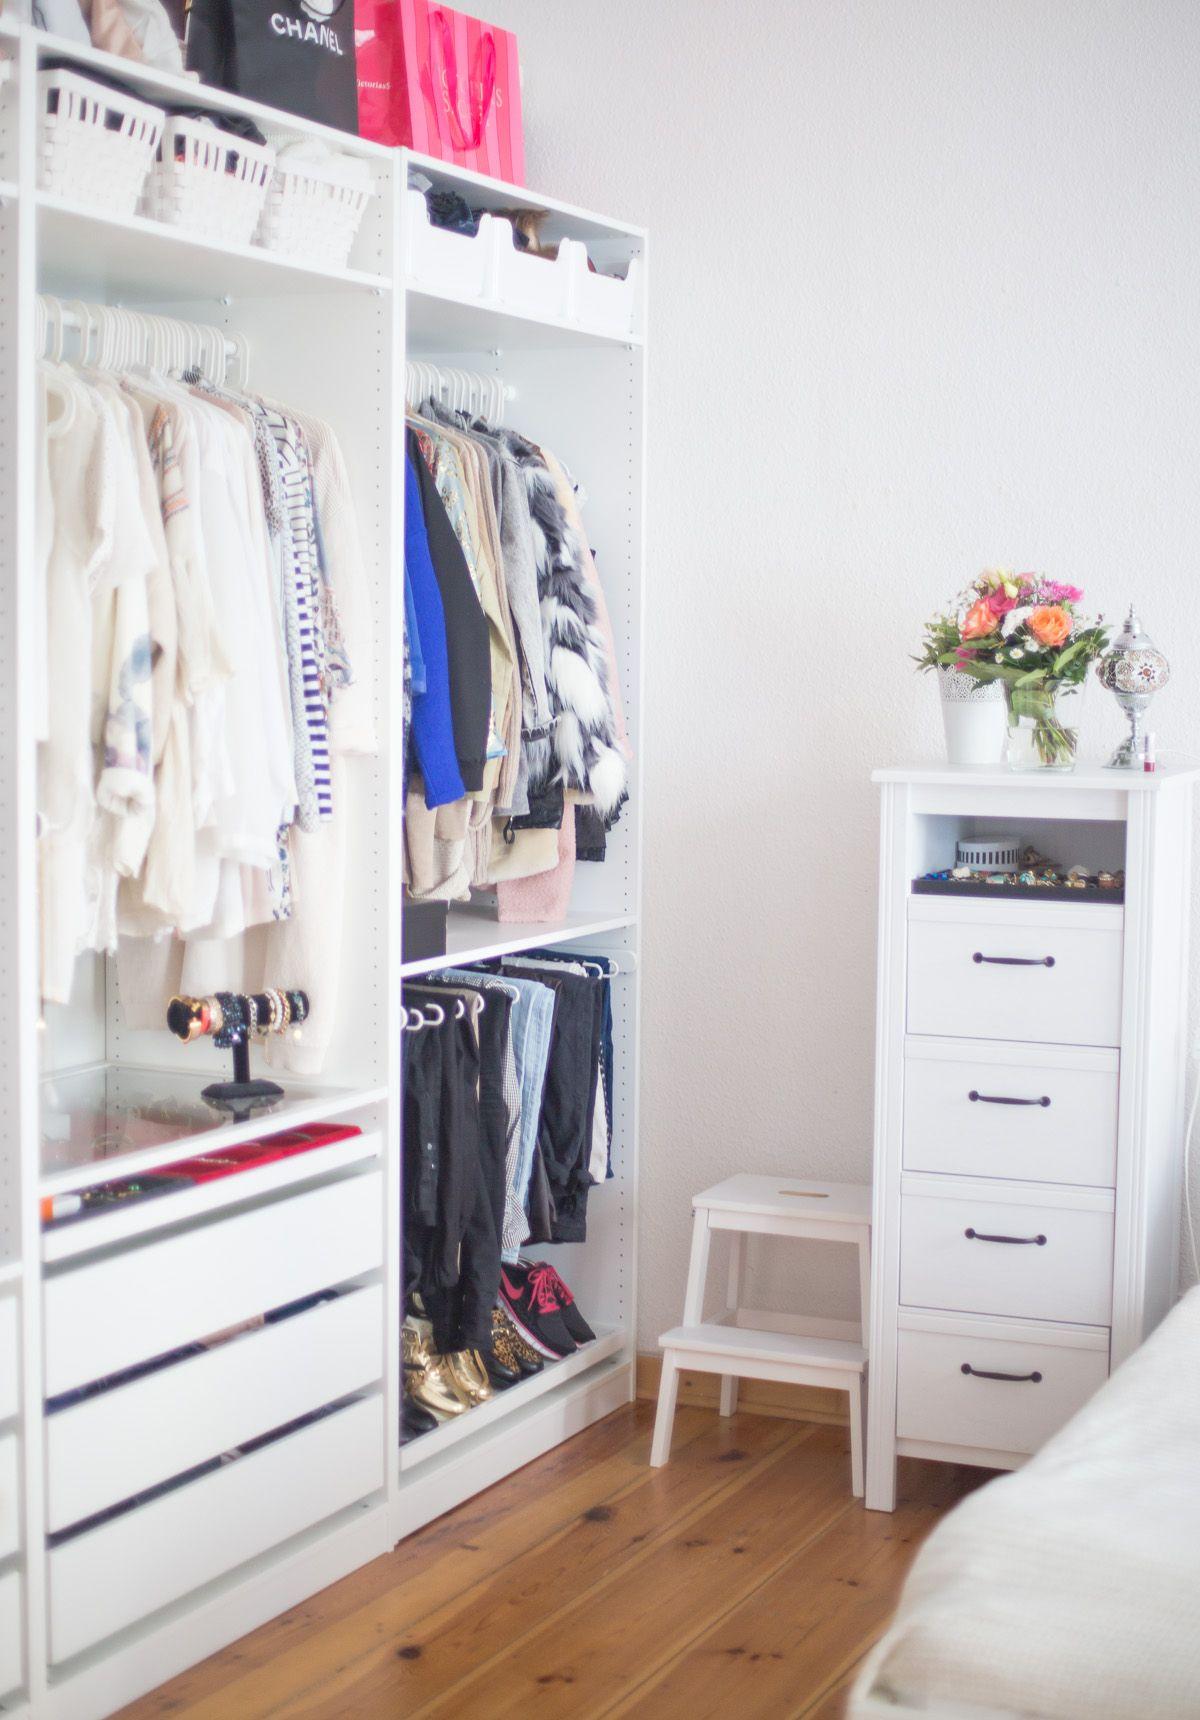 kleiderschrank schrank pinterest kleiderschr nke. Black Bedroom Furniture Sets. Home Design Ideas